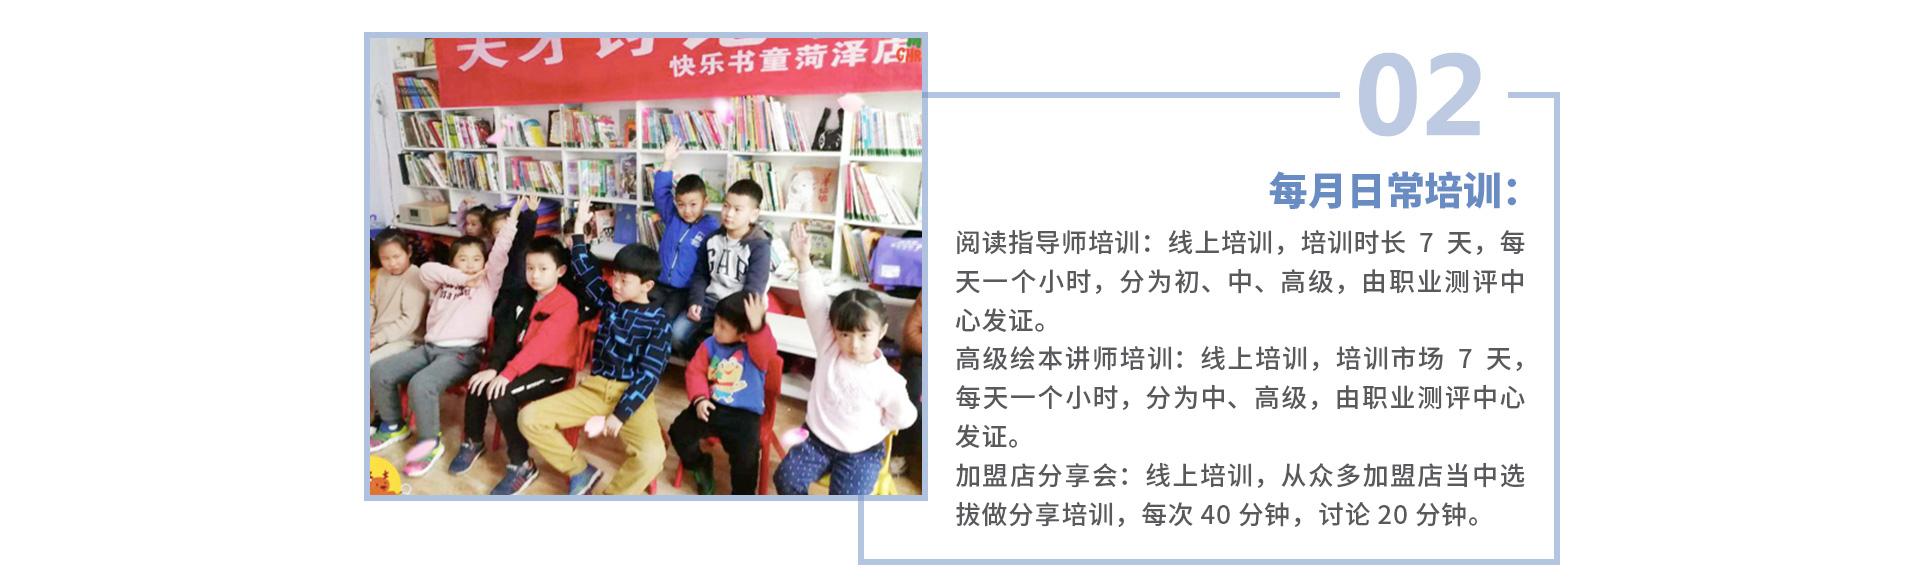 快乐书童阅读馆PC-快乐书童-许小琥_18